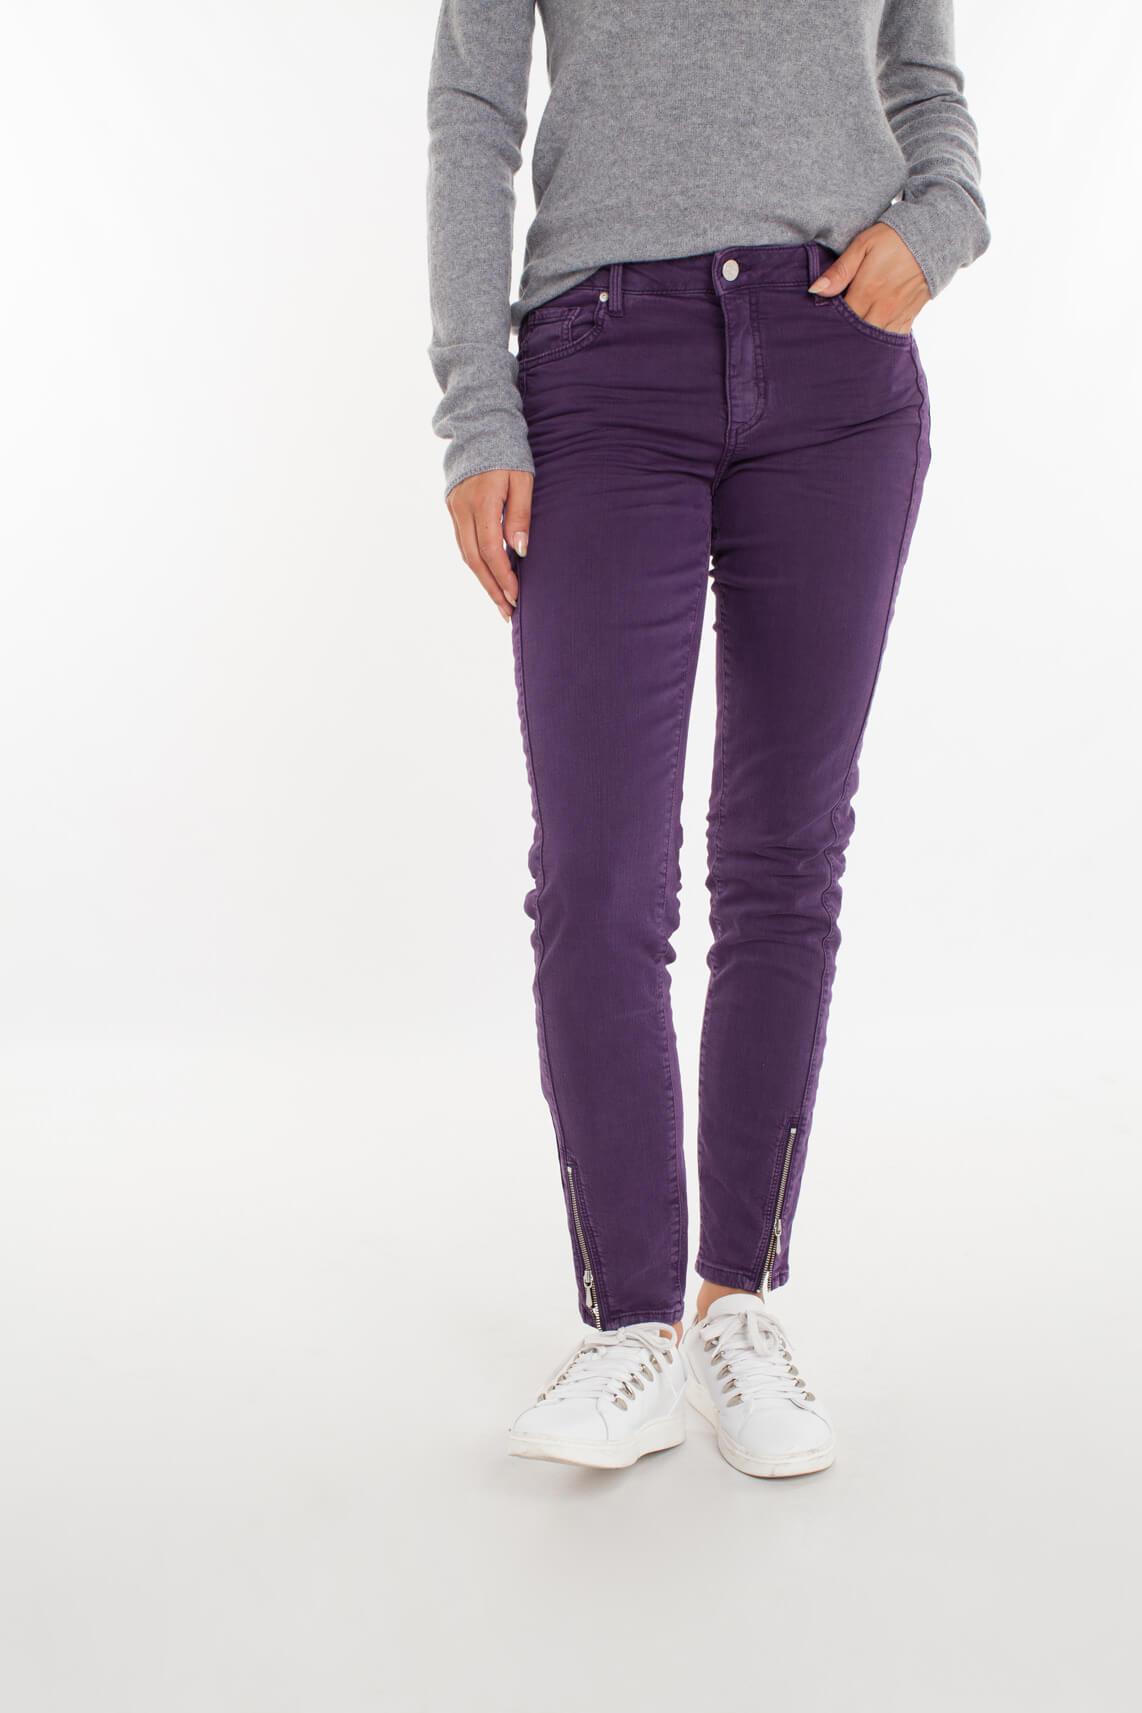 Rosner Dames Antonia jeans met ritsjes Paars